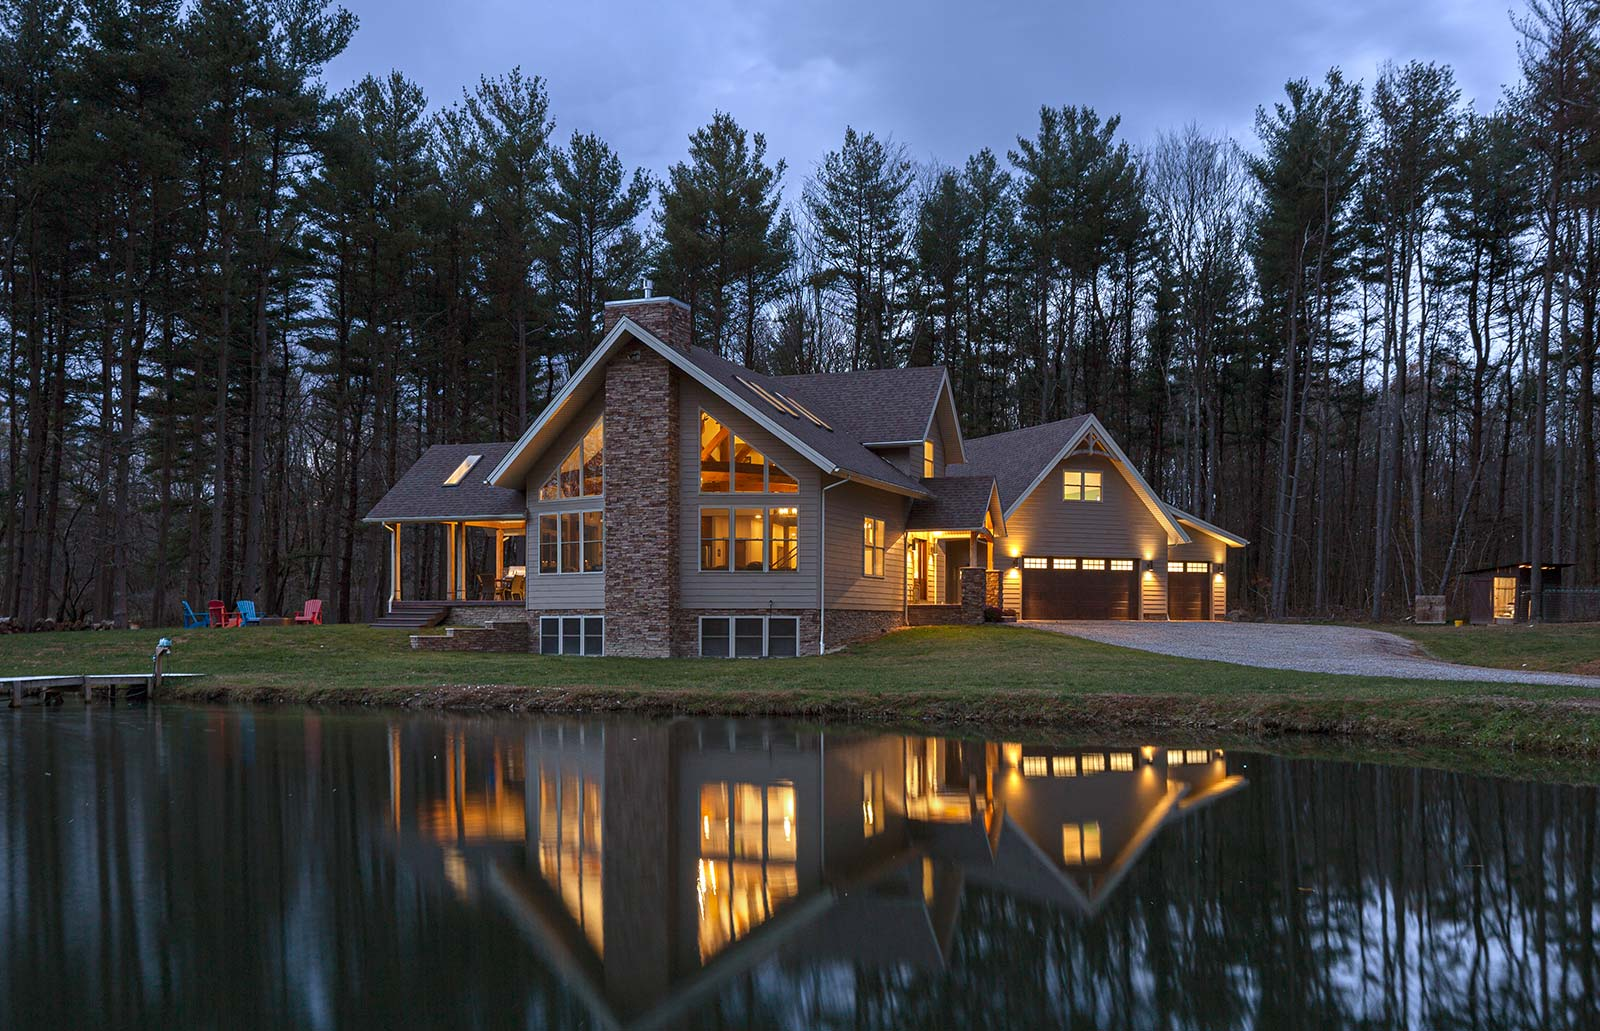 Pennsylvania Timber Home-blending styles